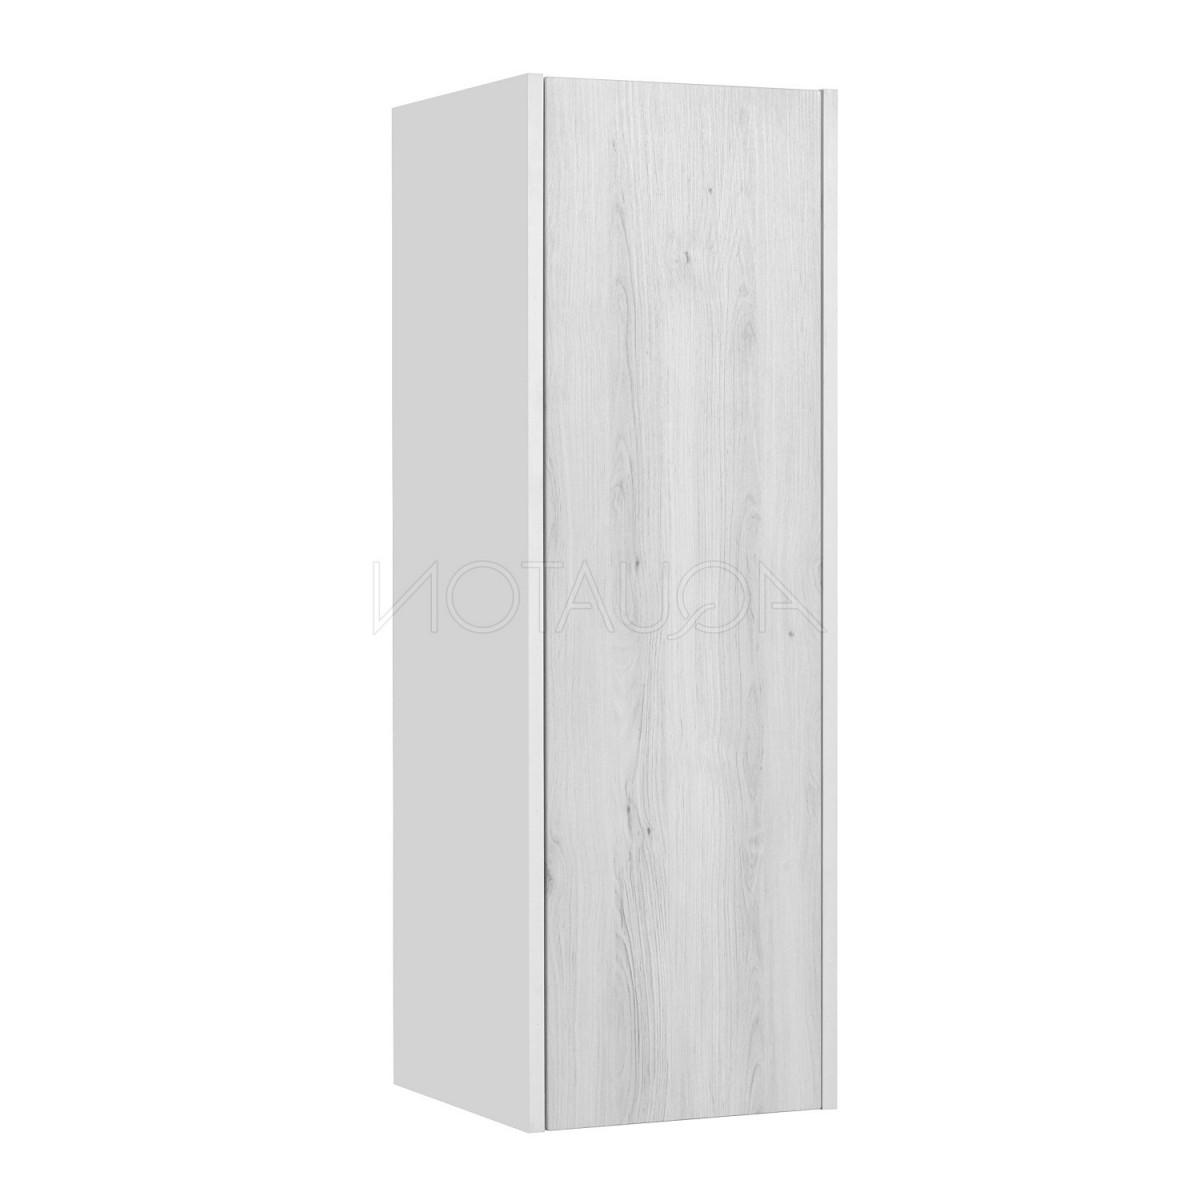 Шкафчик подвесной Акватон Сакура правый